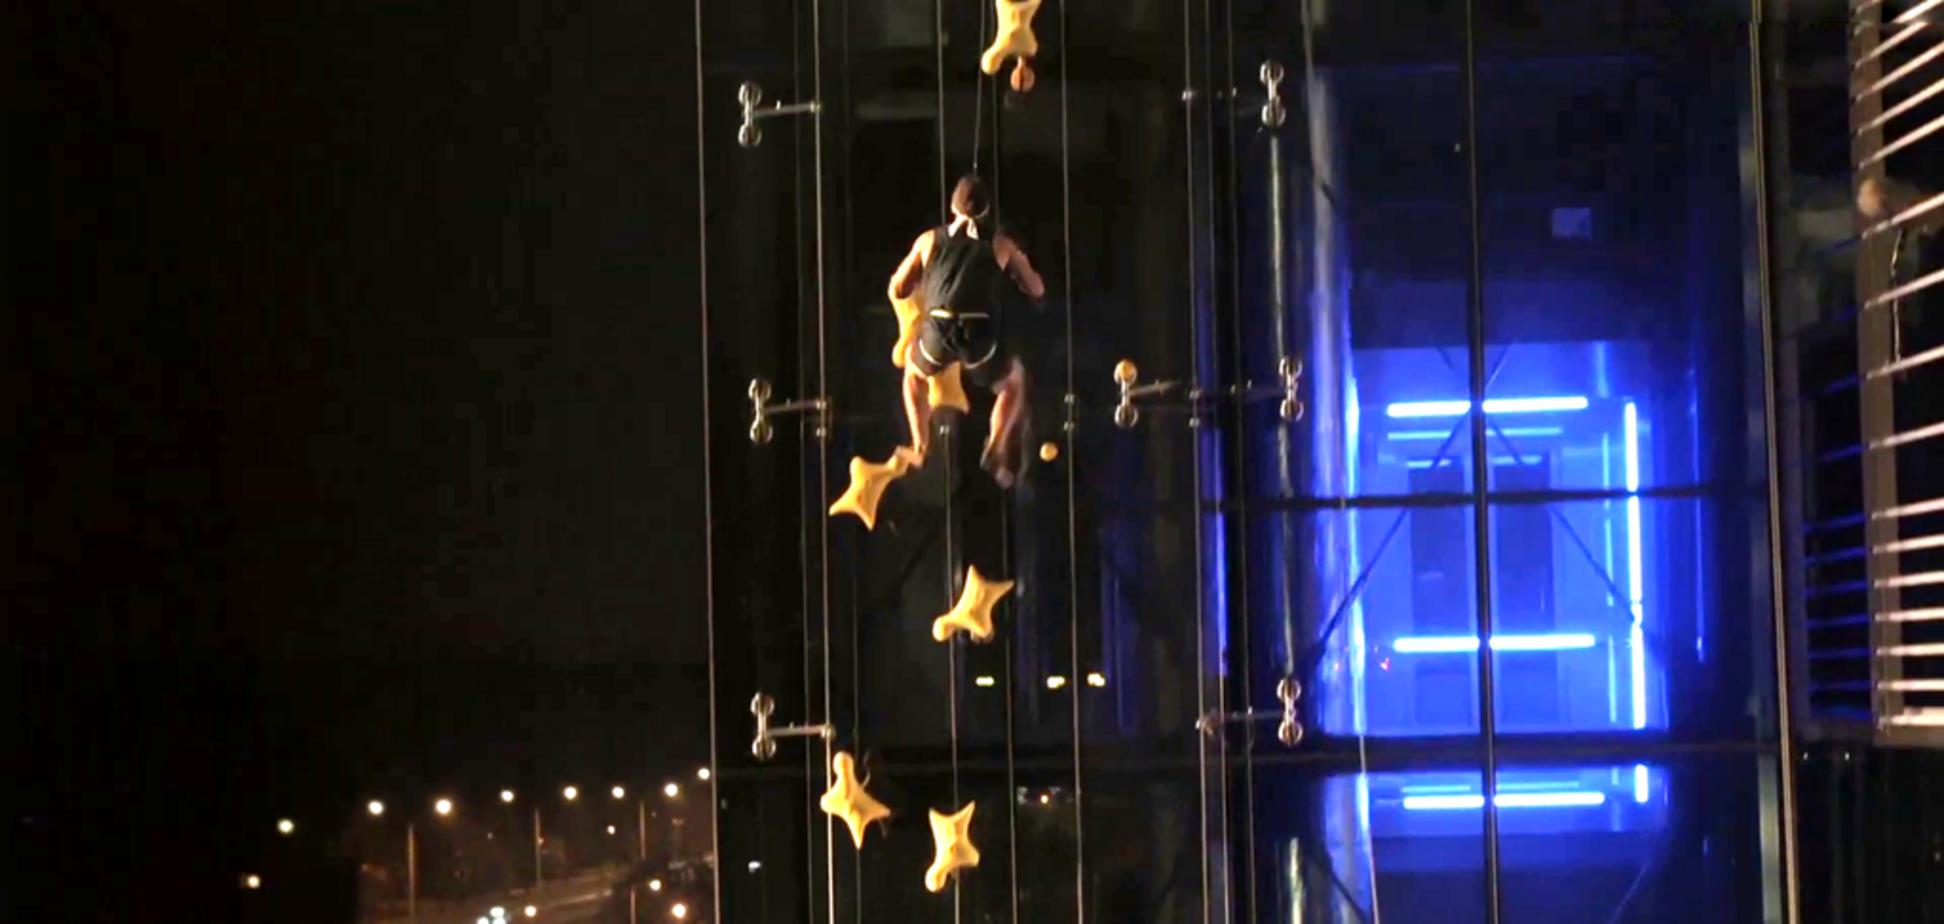 Спортсмен-экстремал победил лифт: эффектное видео